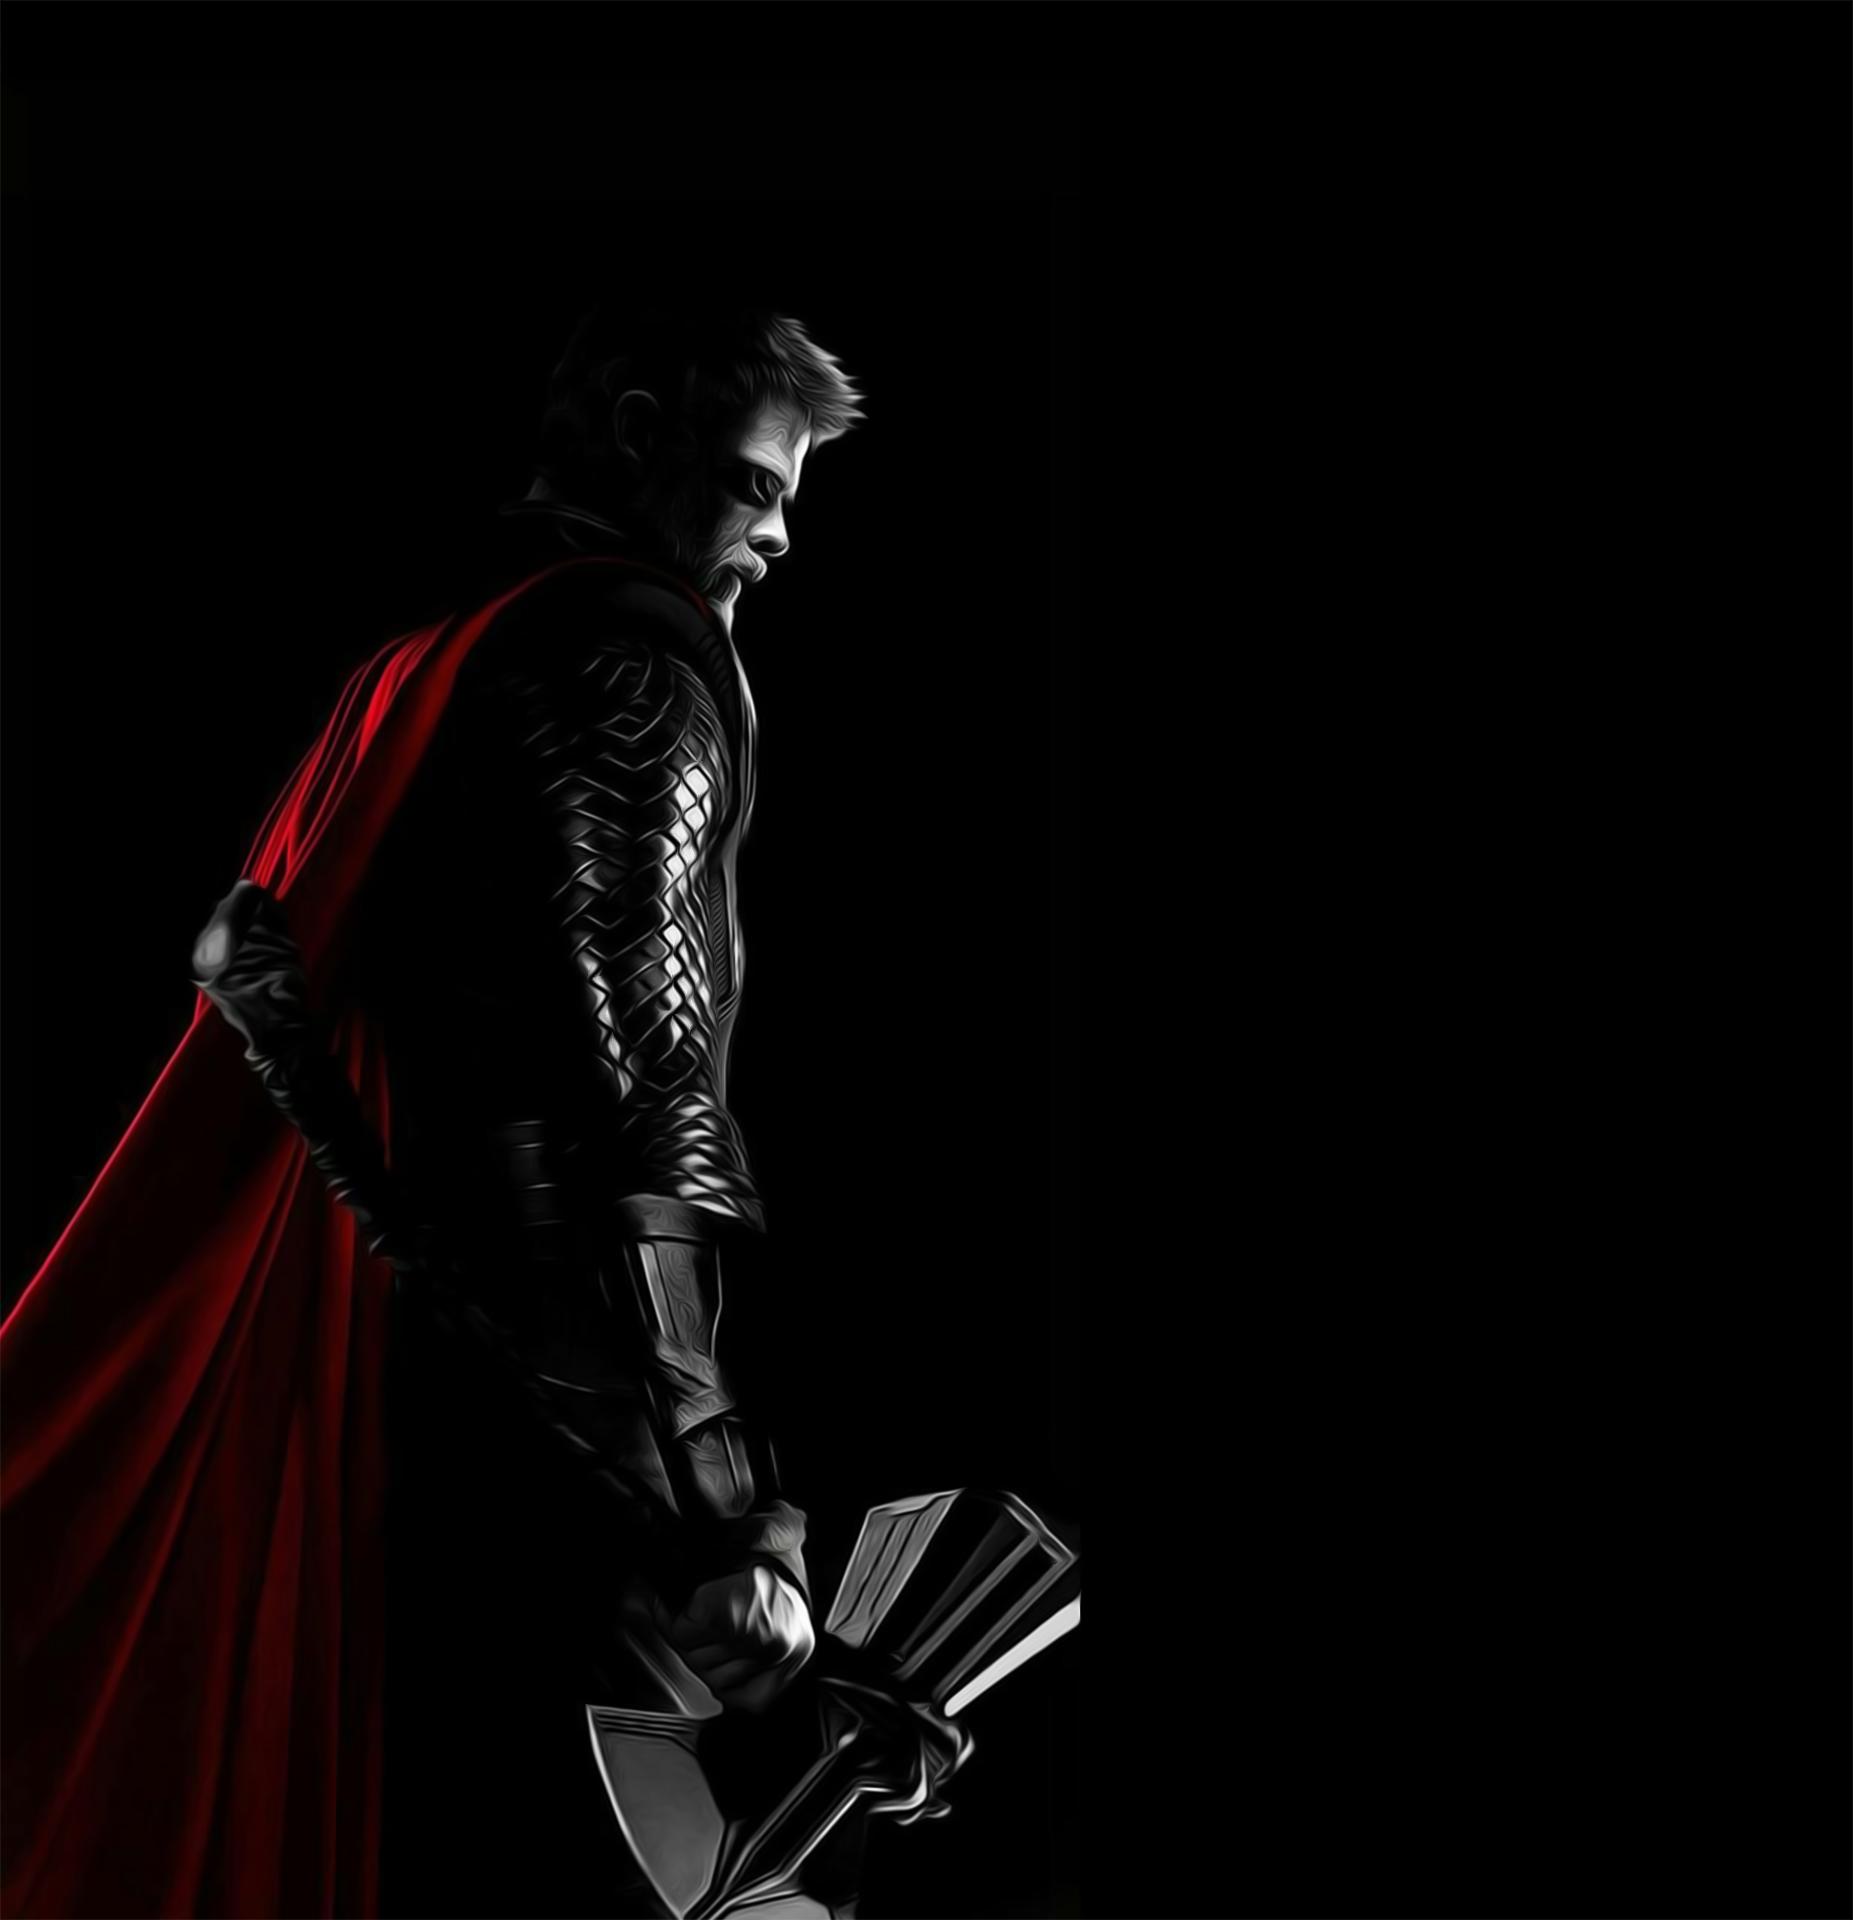 Avengers Infinity war, Thor Ragnarok